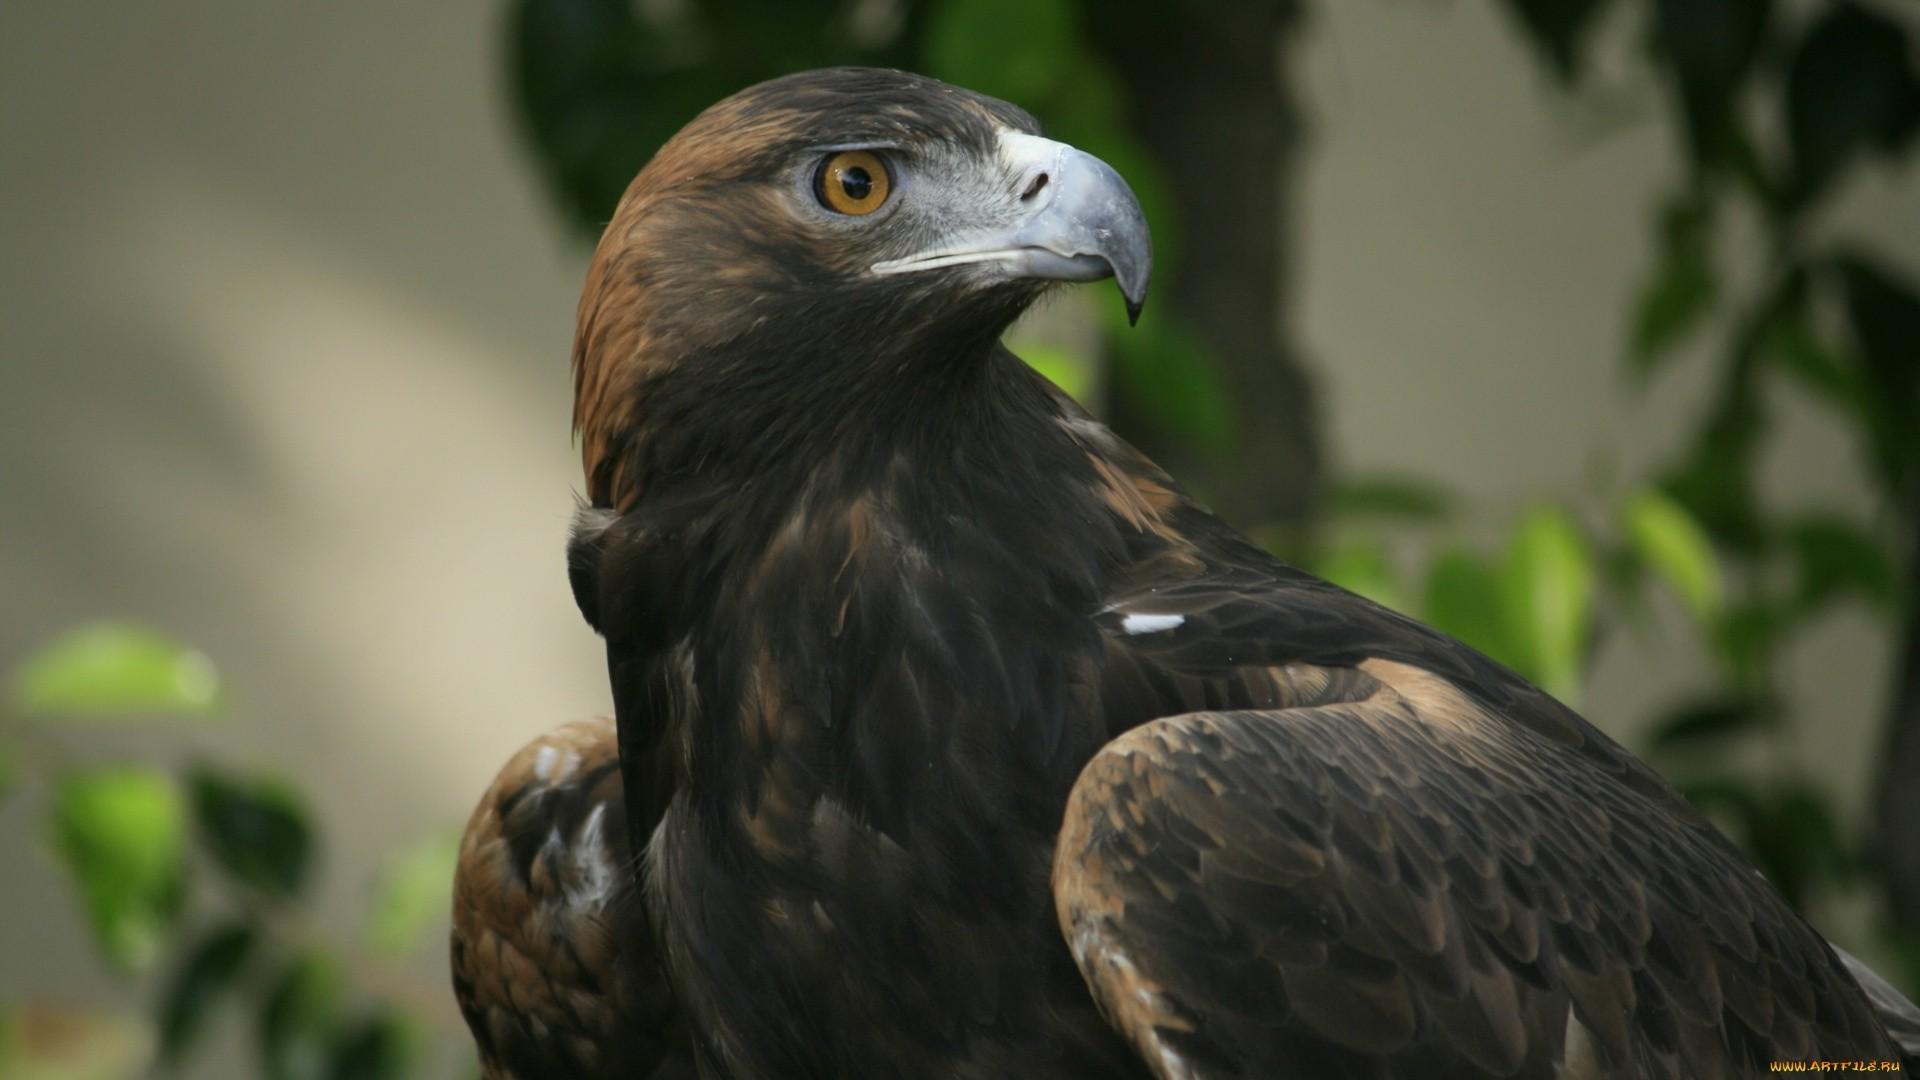 Eagle hd wallpaper download